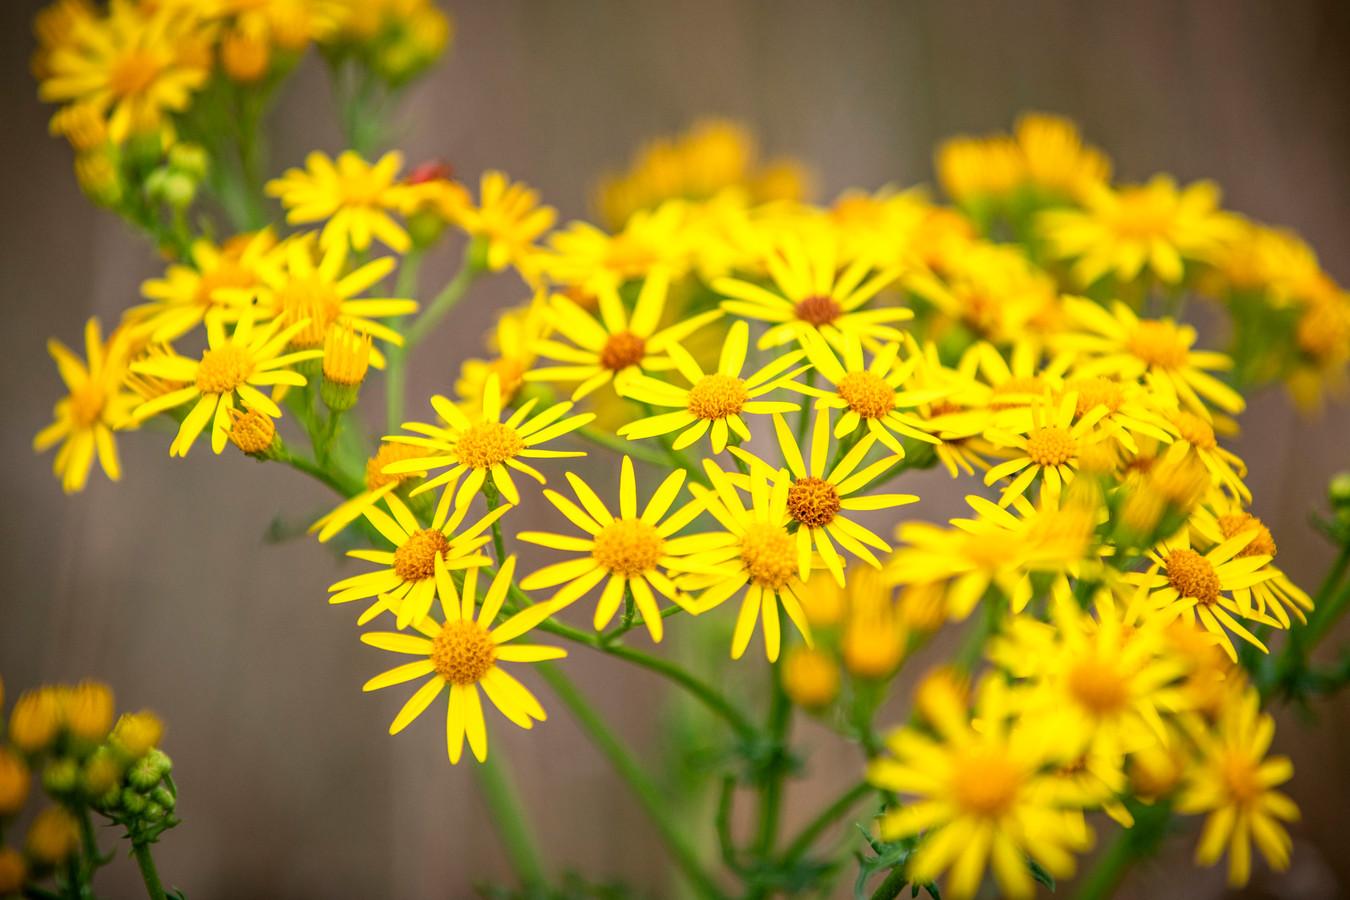 Jakobskruiskruid, het gele bloemetje ziet er onschuldig uit, maar is zeer giftig voor paarden, koeien en schapen.